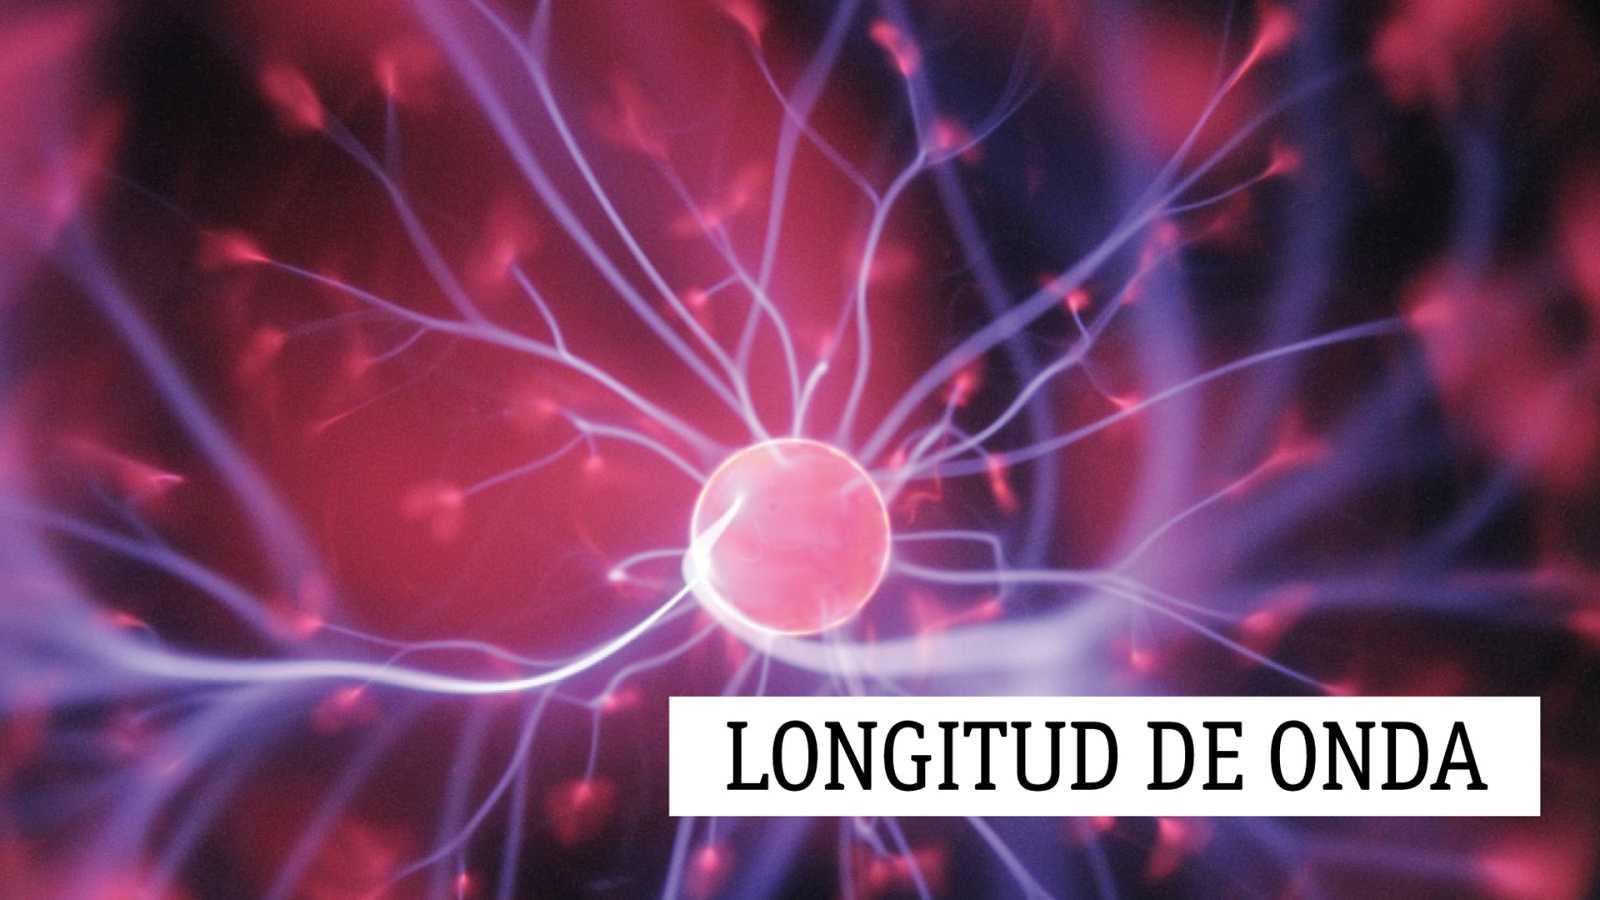 Longitud de onda - Cómo evitar la fatiga ocular - 14/04/21 - escuchar ahora